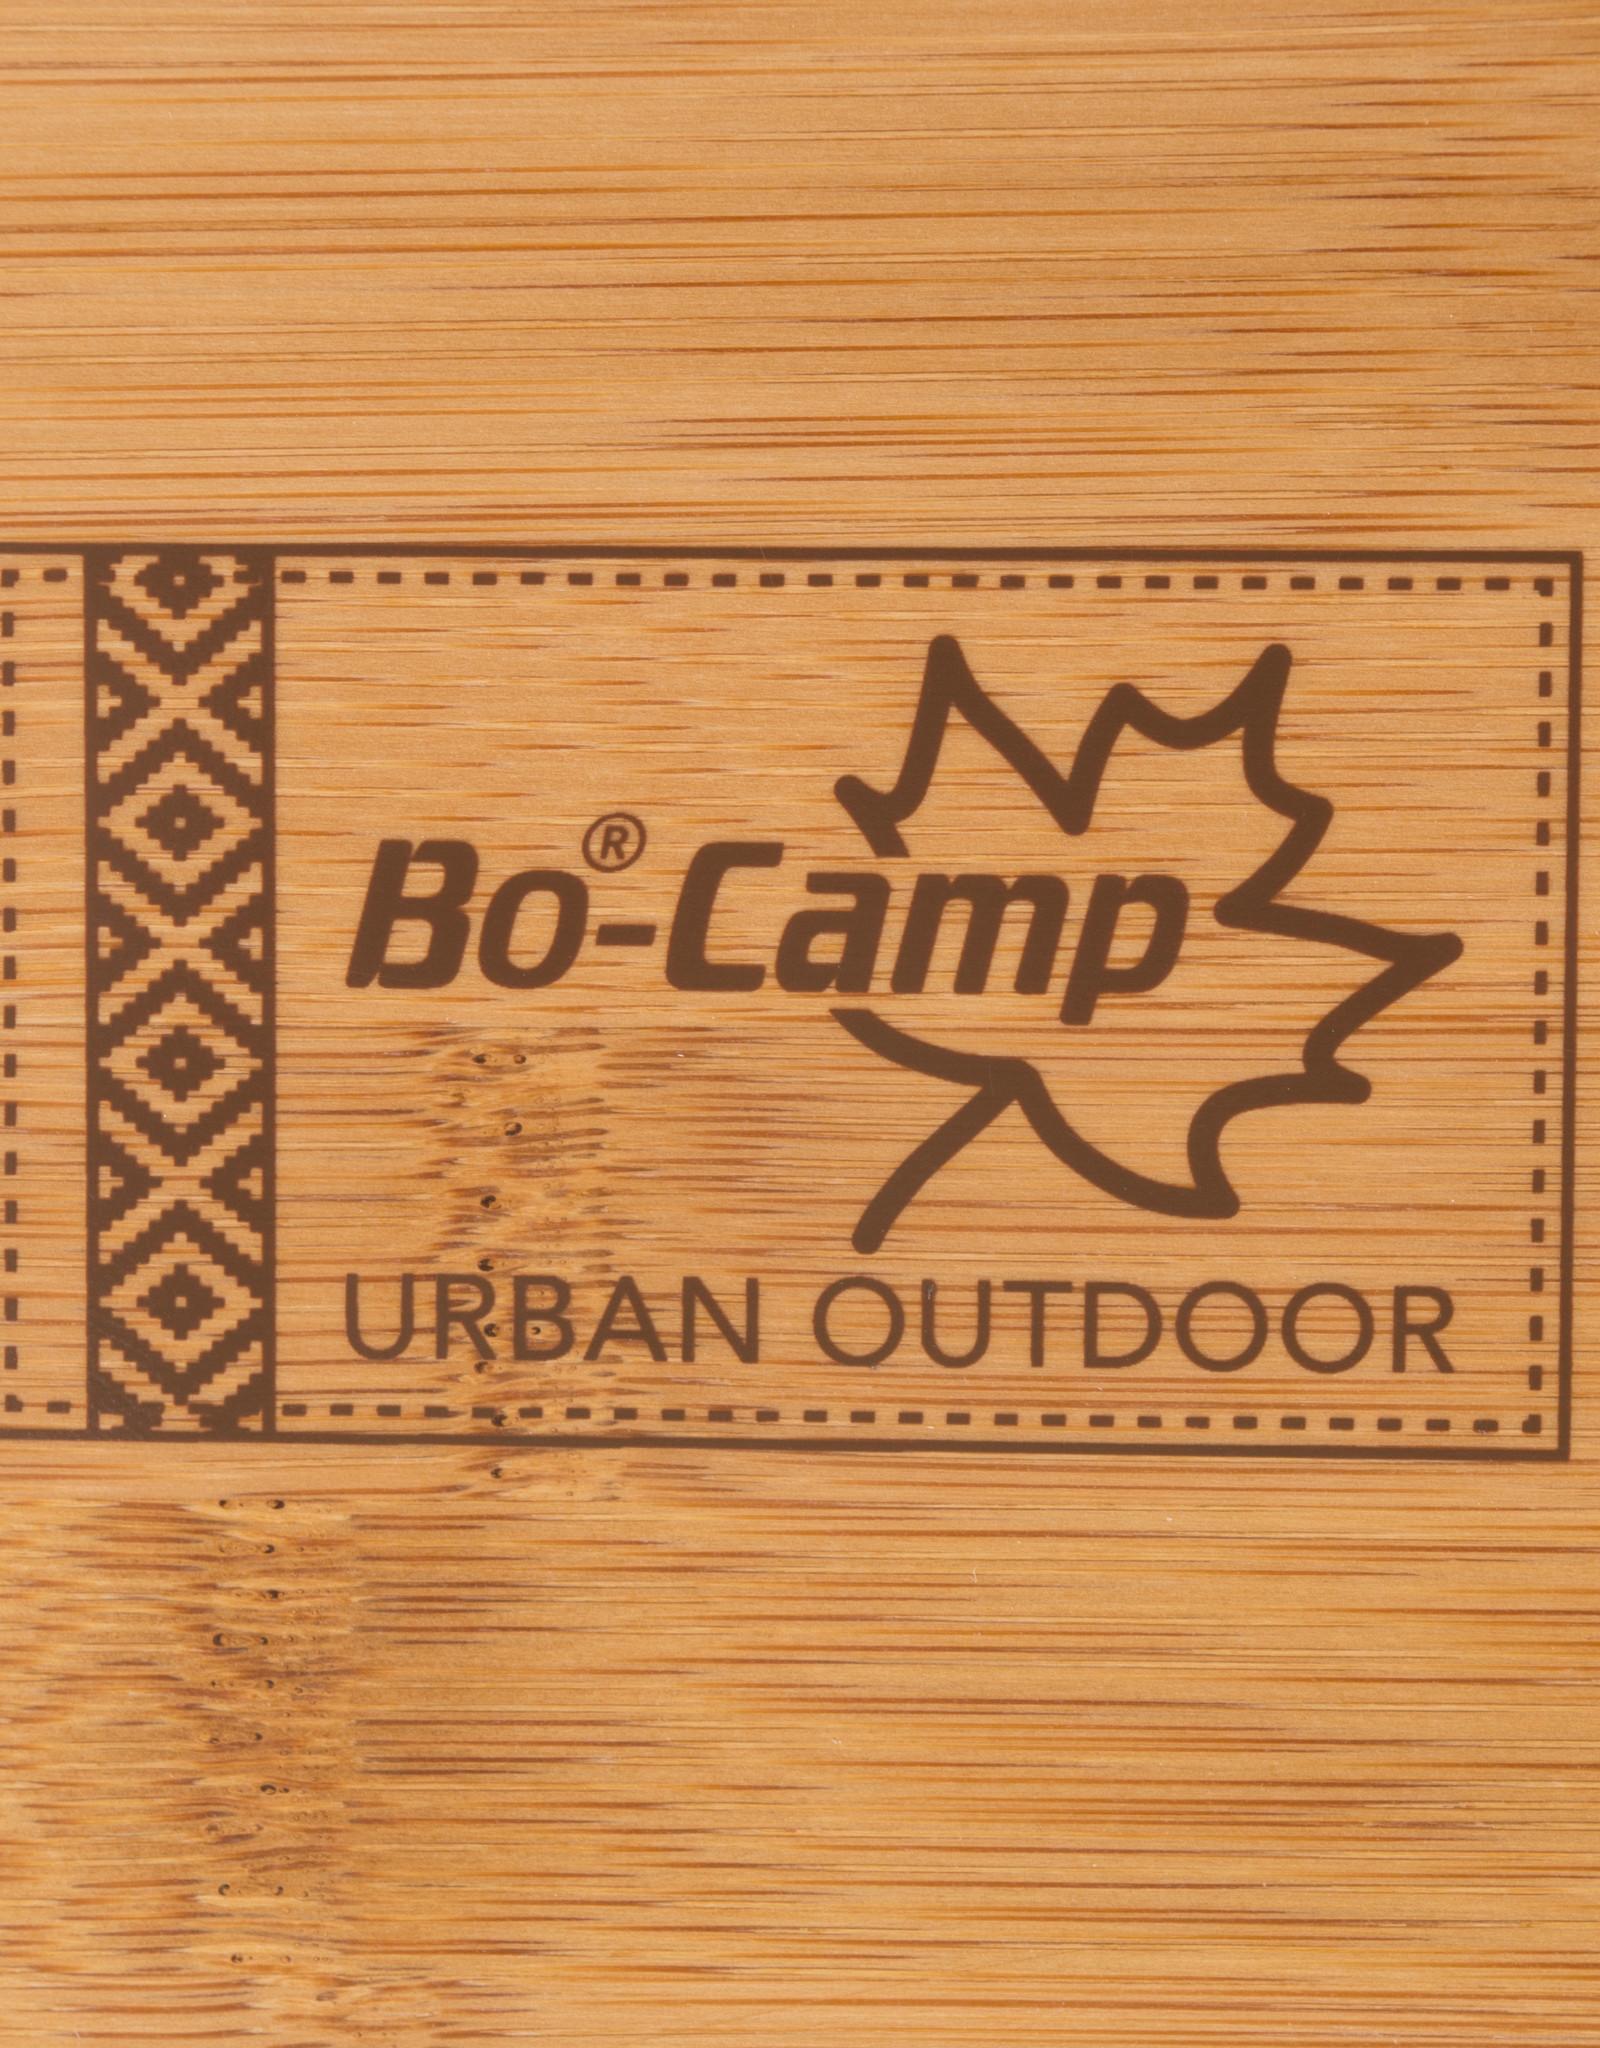 Bo-Camp BoCamp Urban outdoor table Richmond